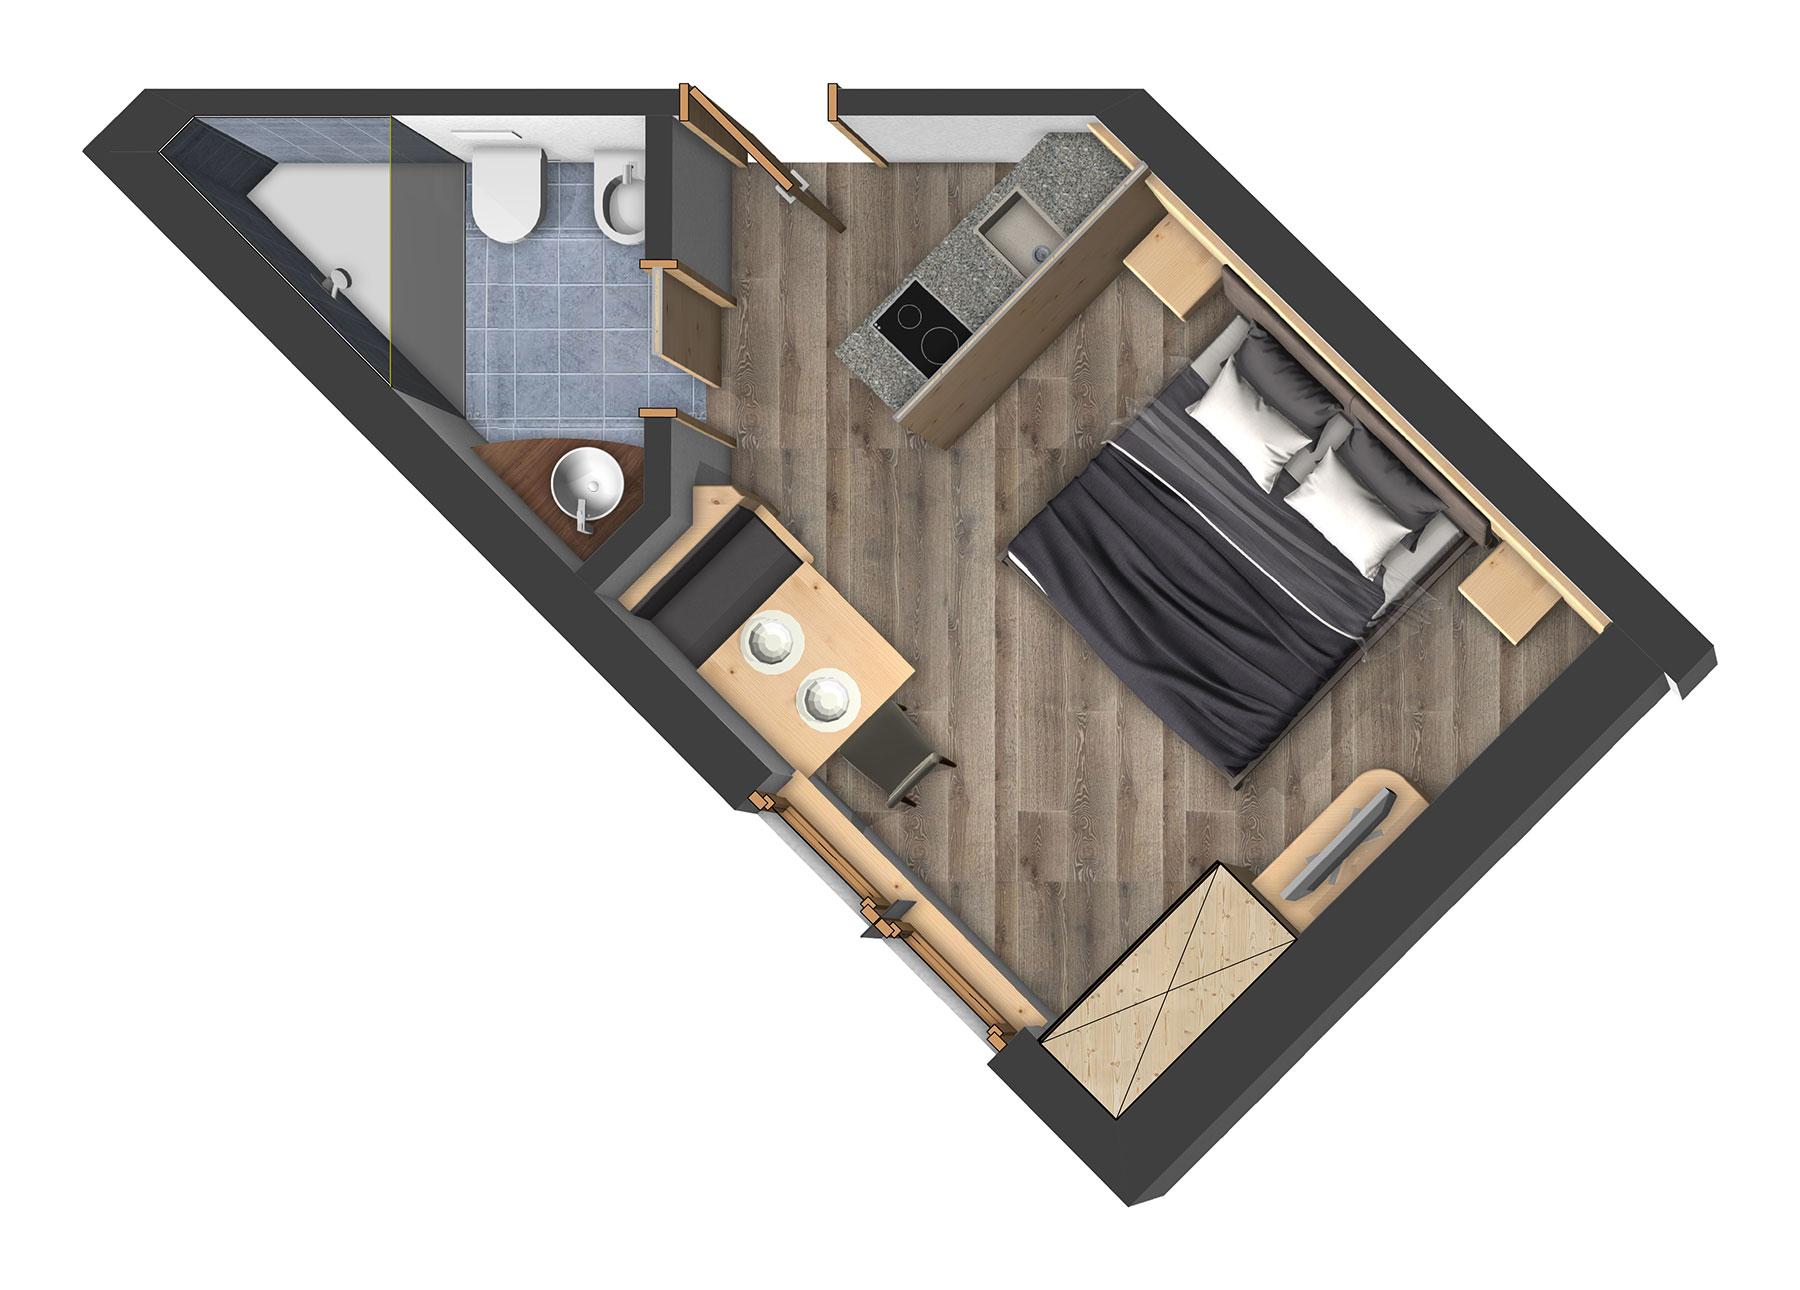 ein-zimmer apartments (studios) für 2 personen, Hause deko